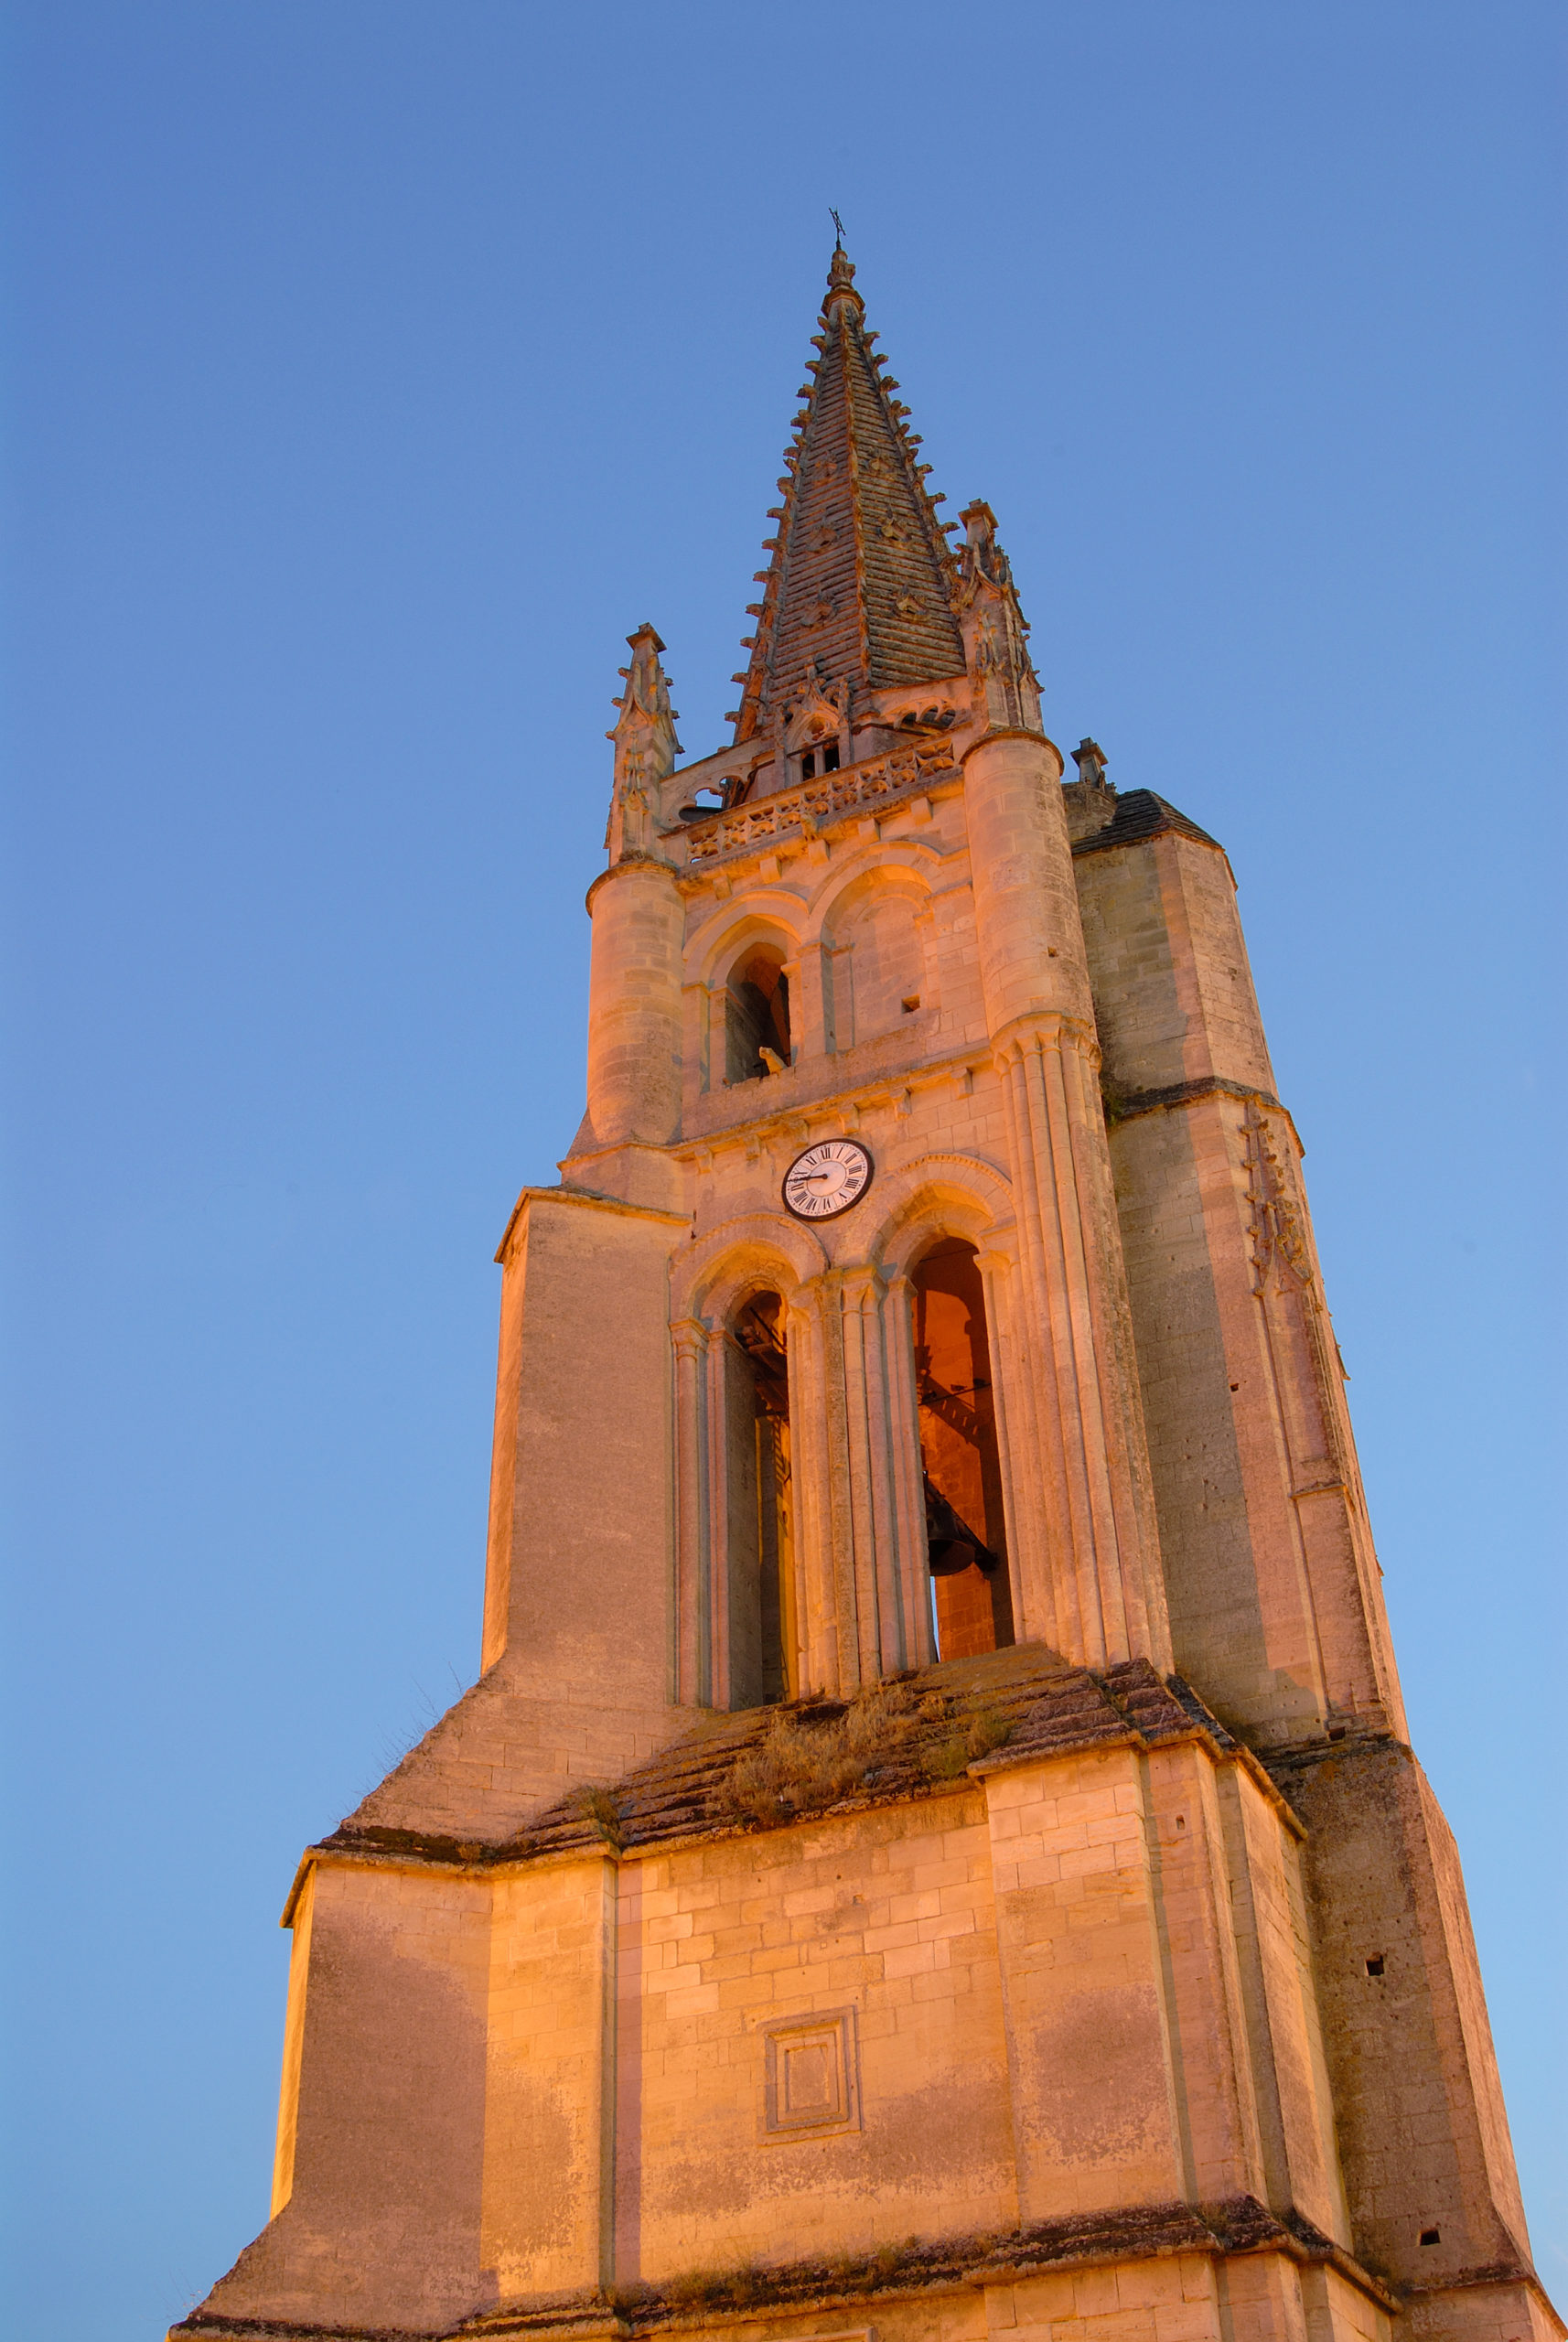 Clocher de l'église monolithe Saint-Émilion